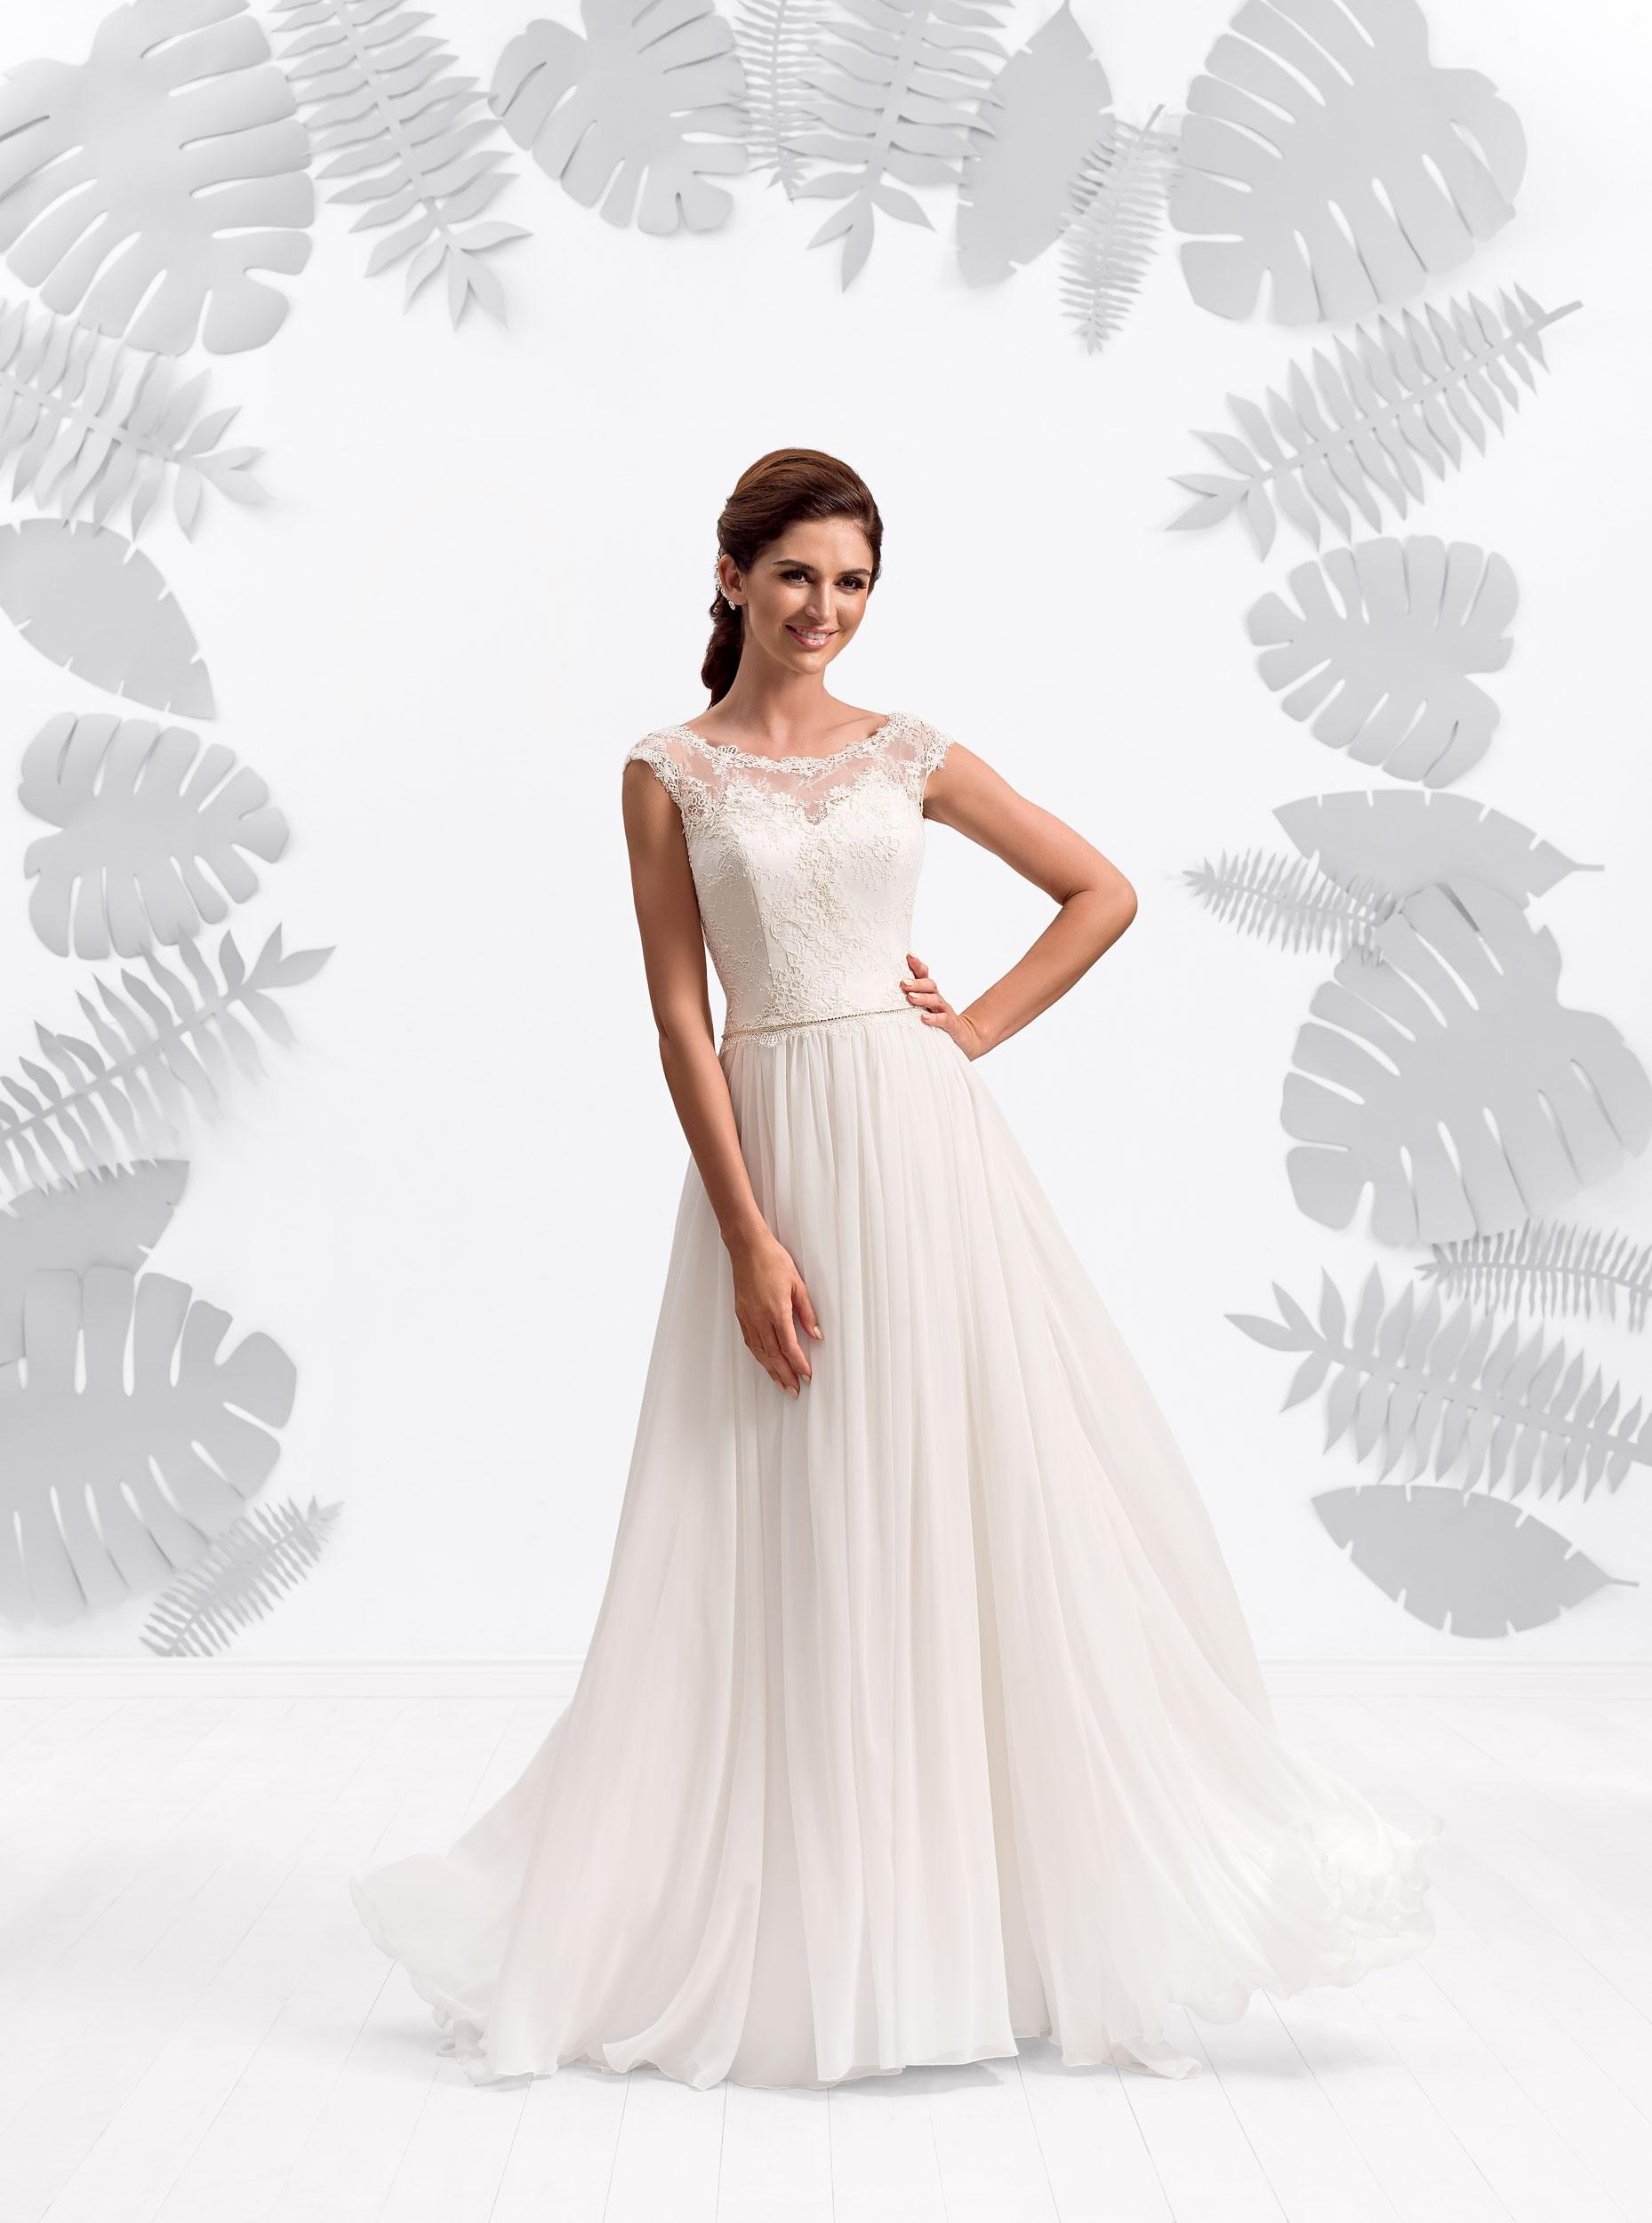 Formal Cool Brautkleider Mode Spezialgebiet10 Einfach Brautkleider Mode Galerie